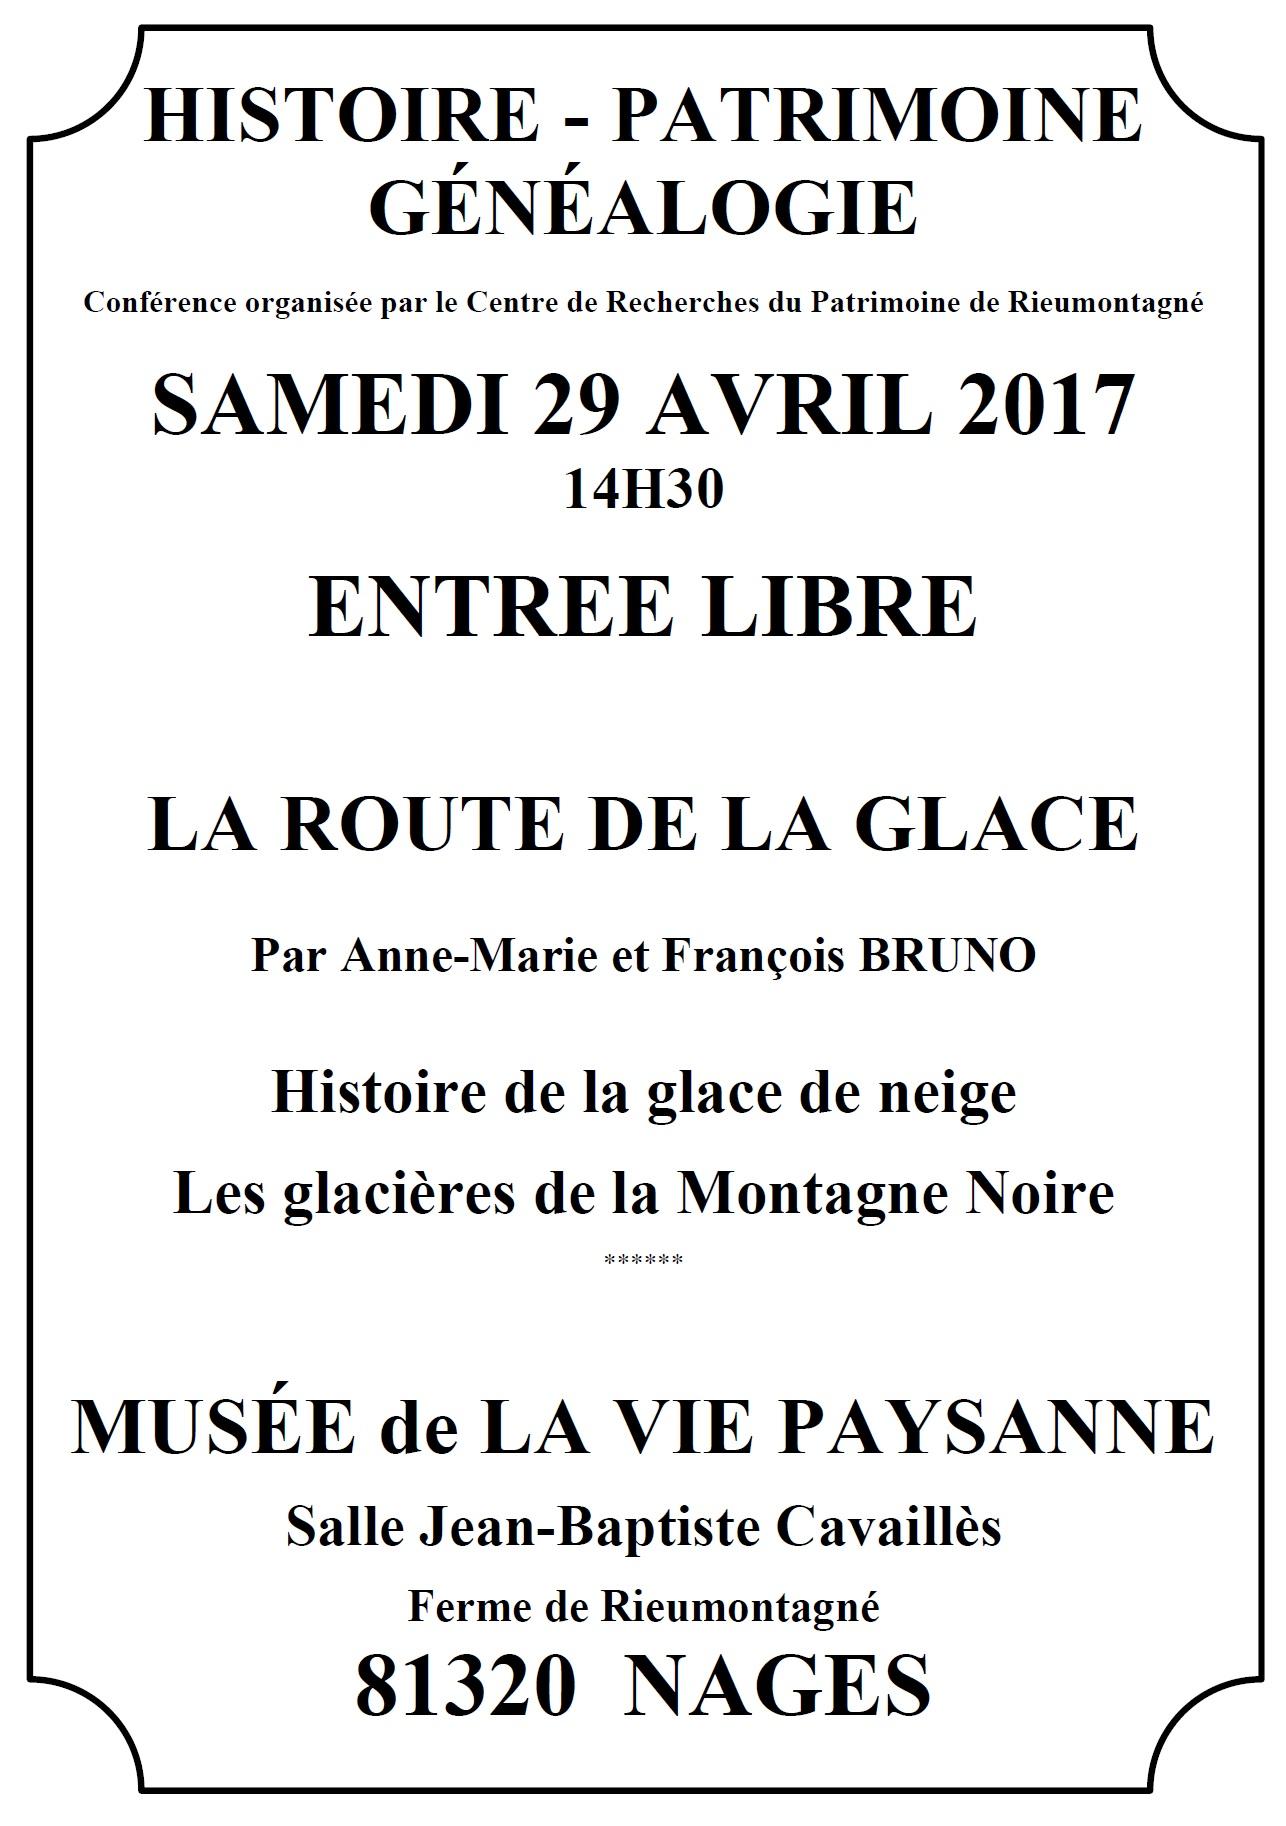 Samedi 29 avril 2017 – Après-midi du patrimoine sur la route de la glace